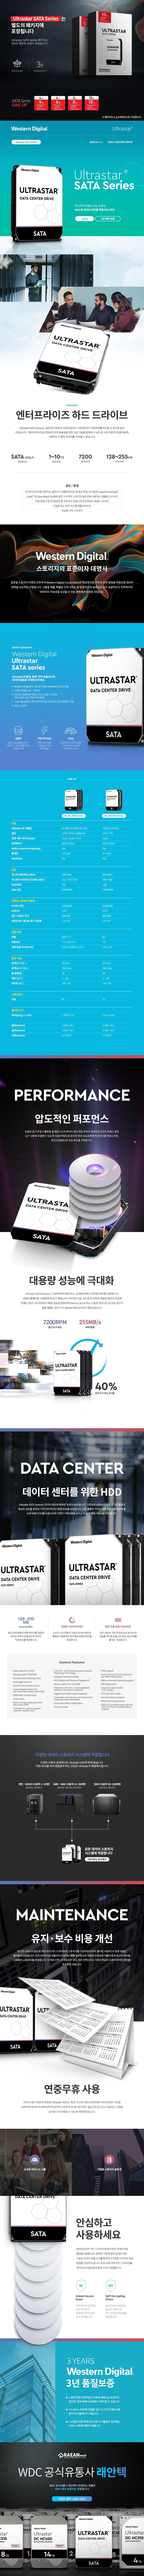 Western Digital Ultrastar DC HC330 패키지 7200/256M (WUS721010ALE6L4, 10TB)